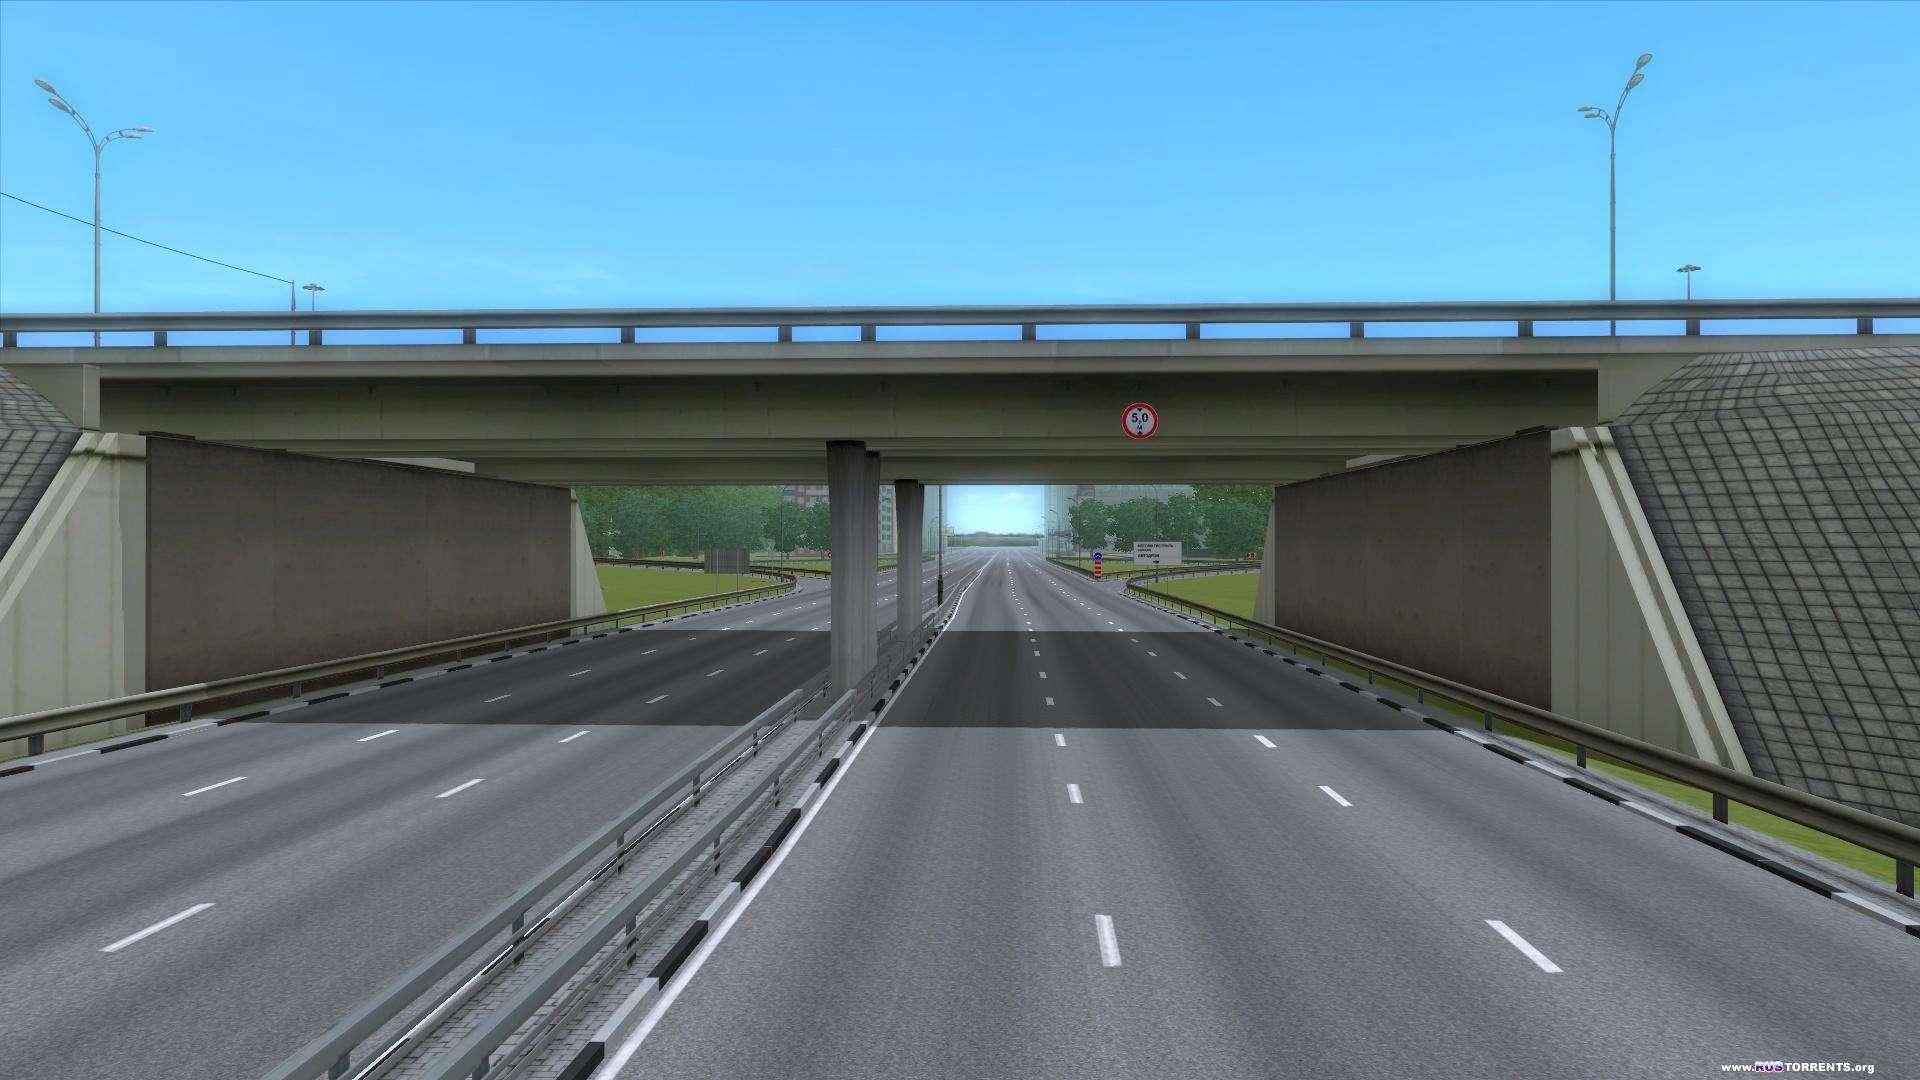 3D Инструктор - новое лето | PC